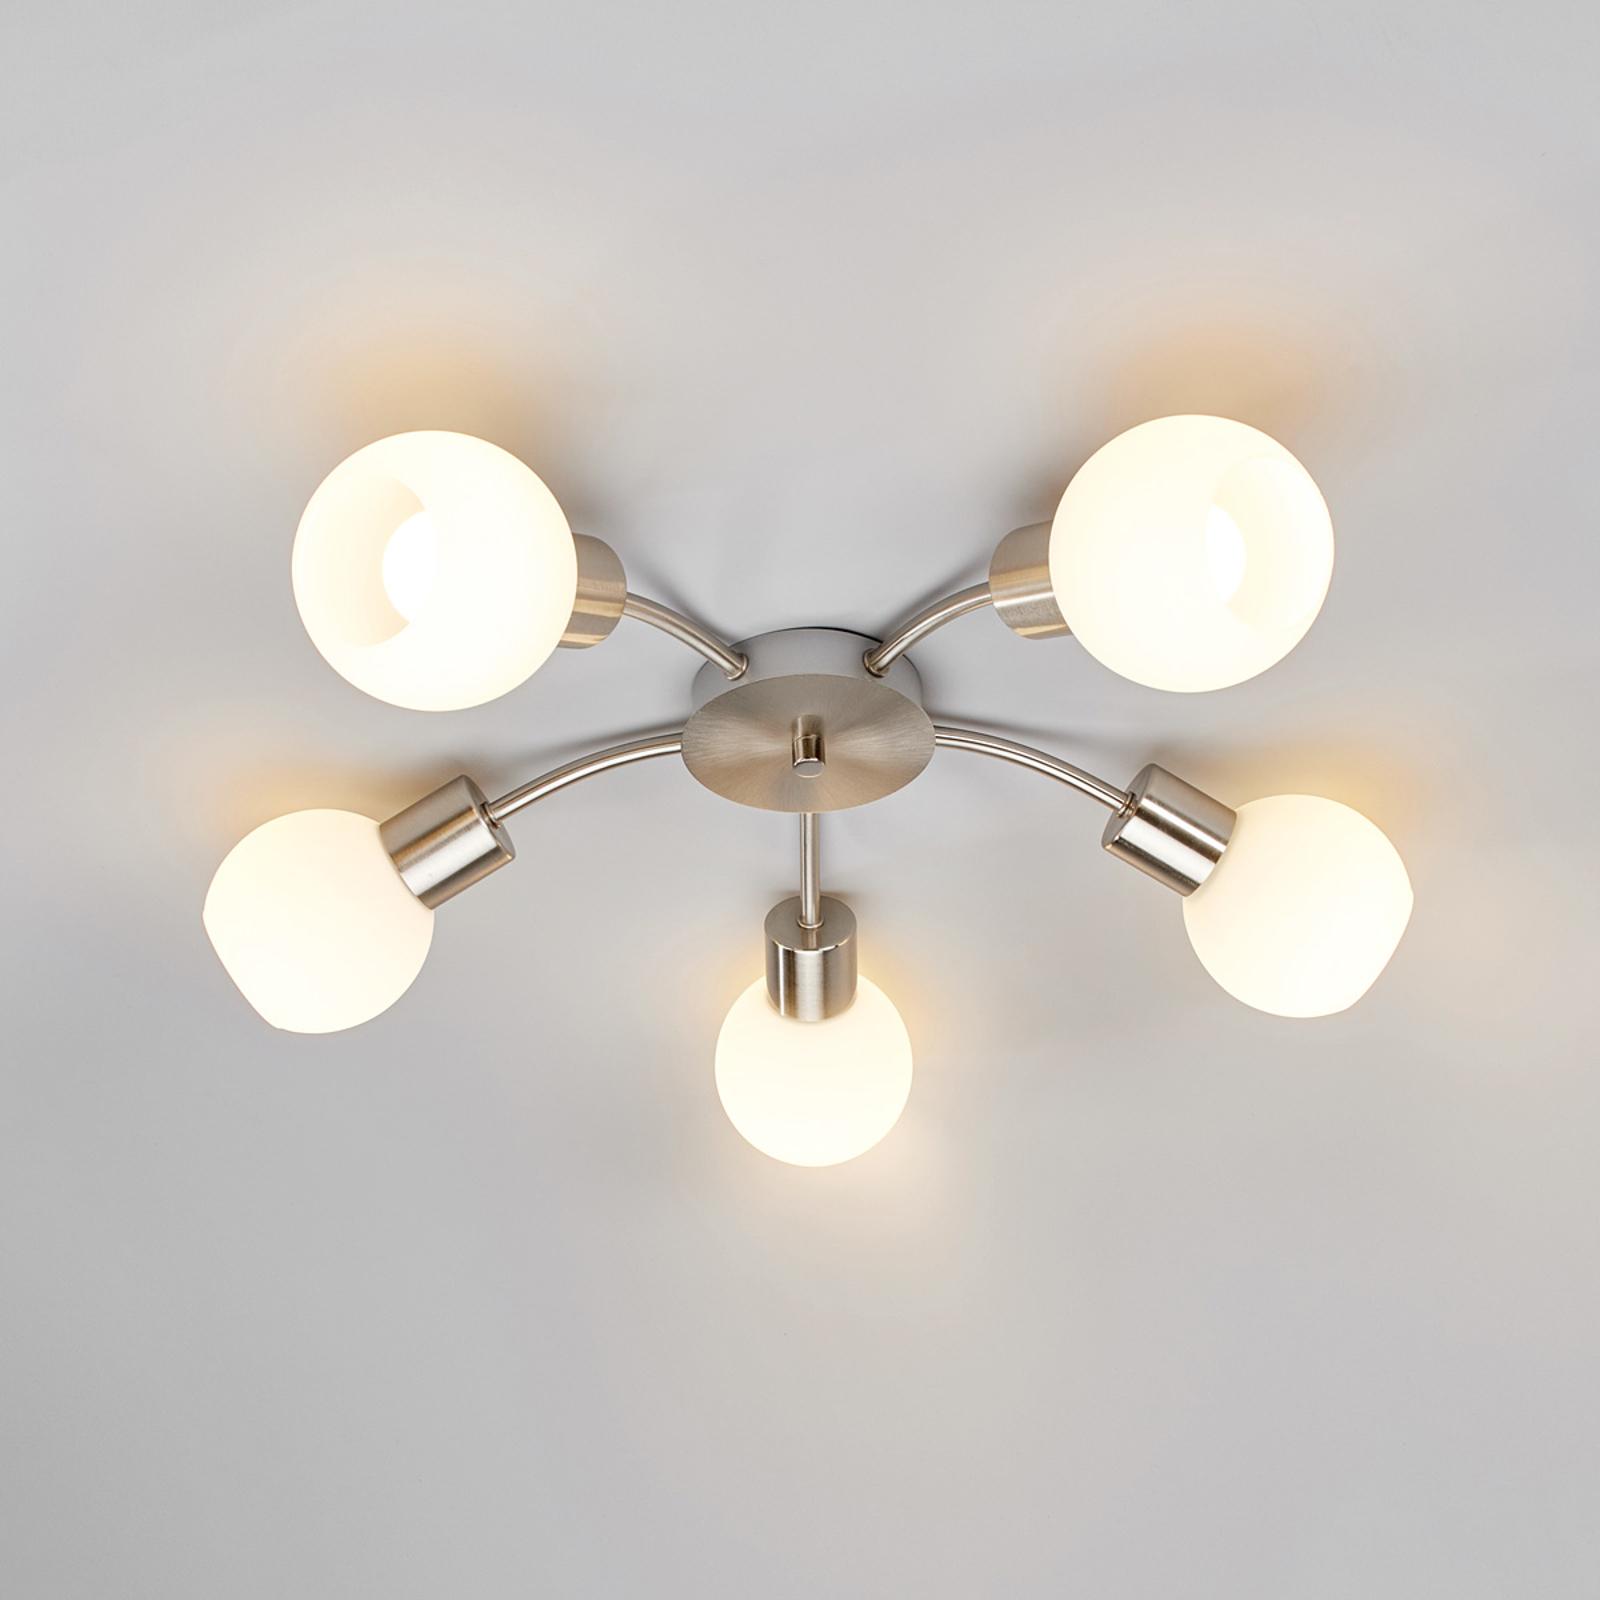 Elaina - lampada LED da soffitto a 5 luci, nichel